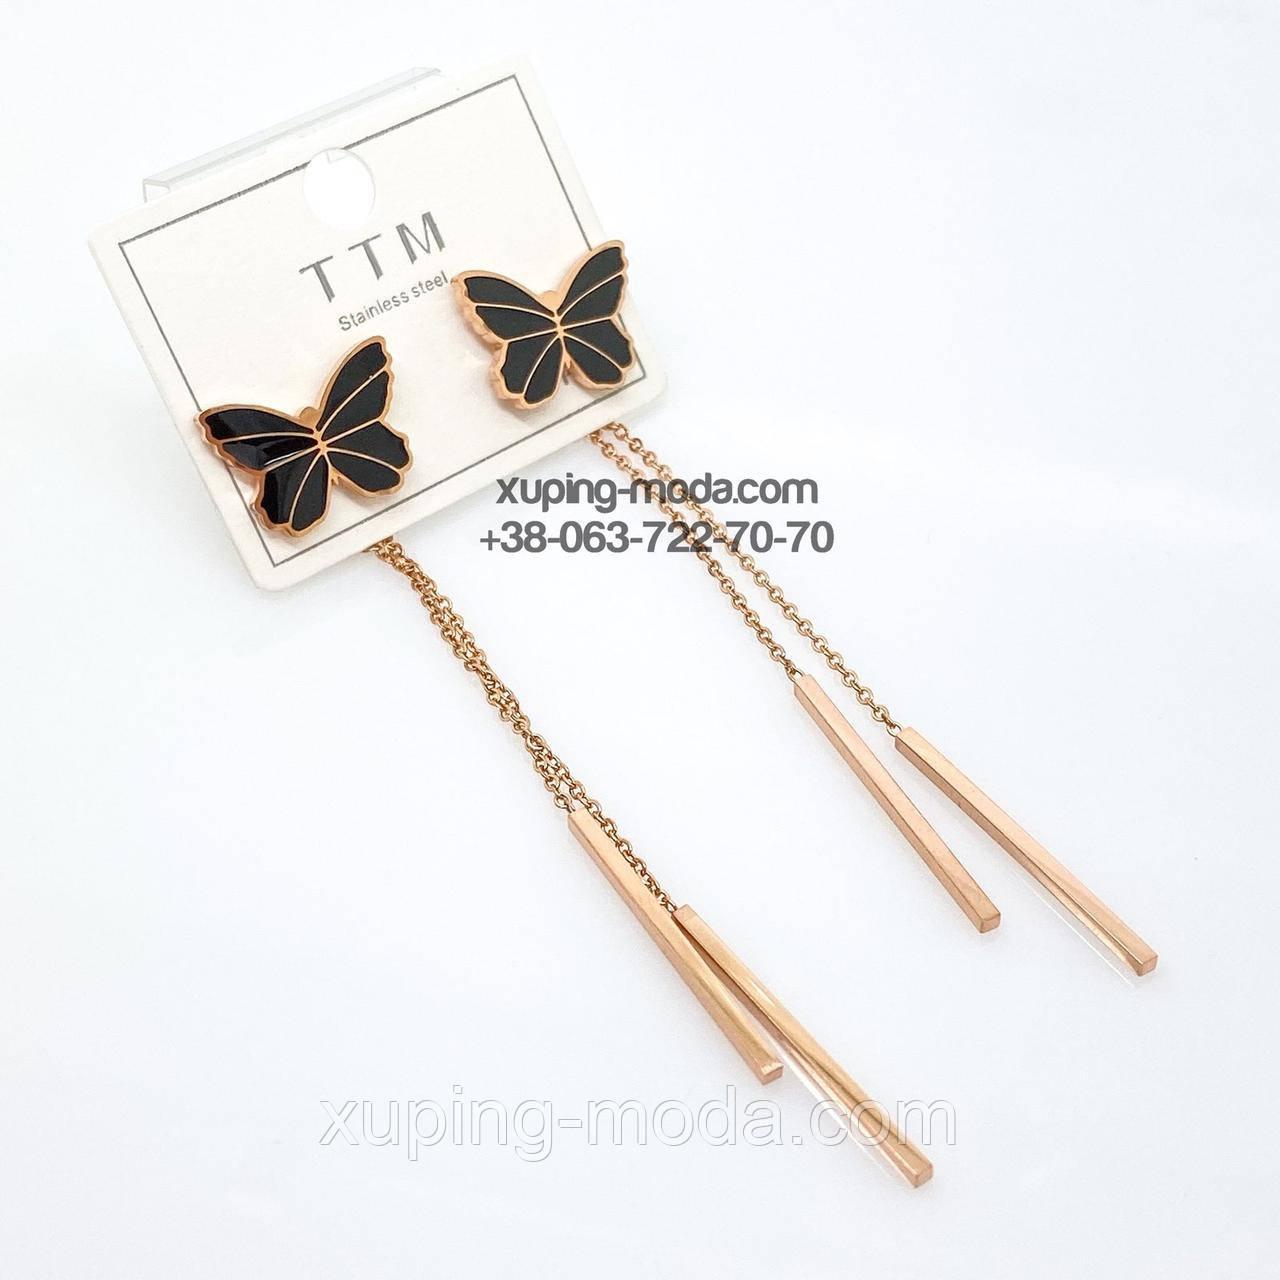 Длинные серьги с бабочками